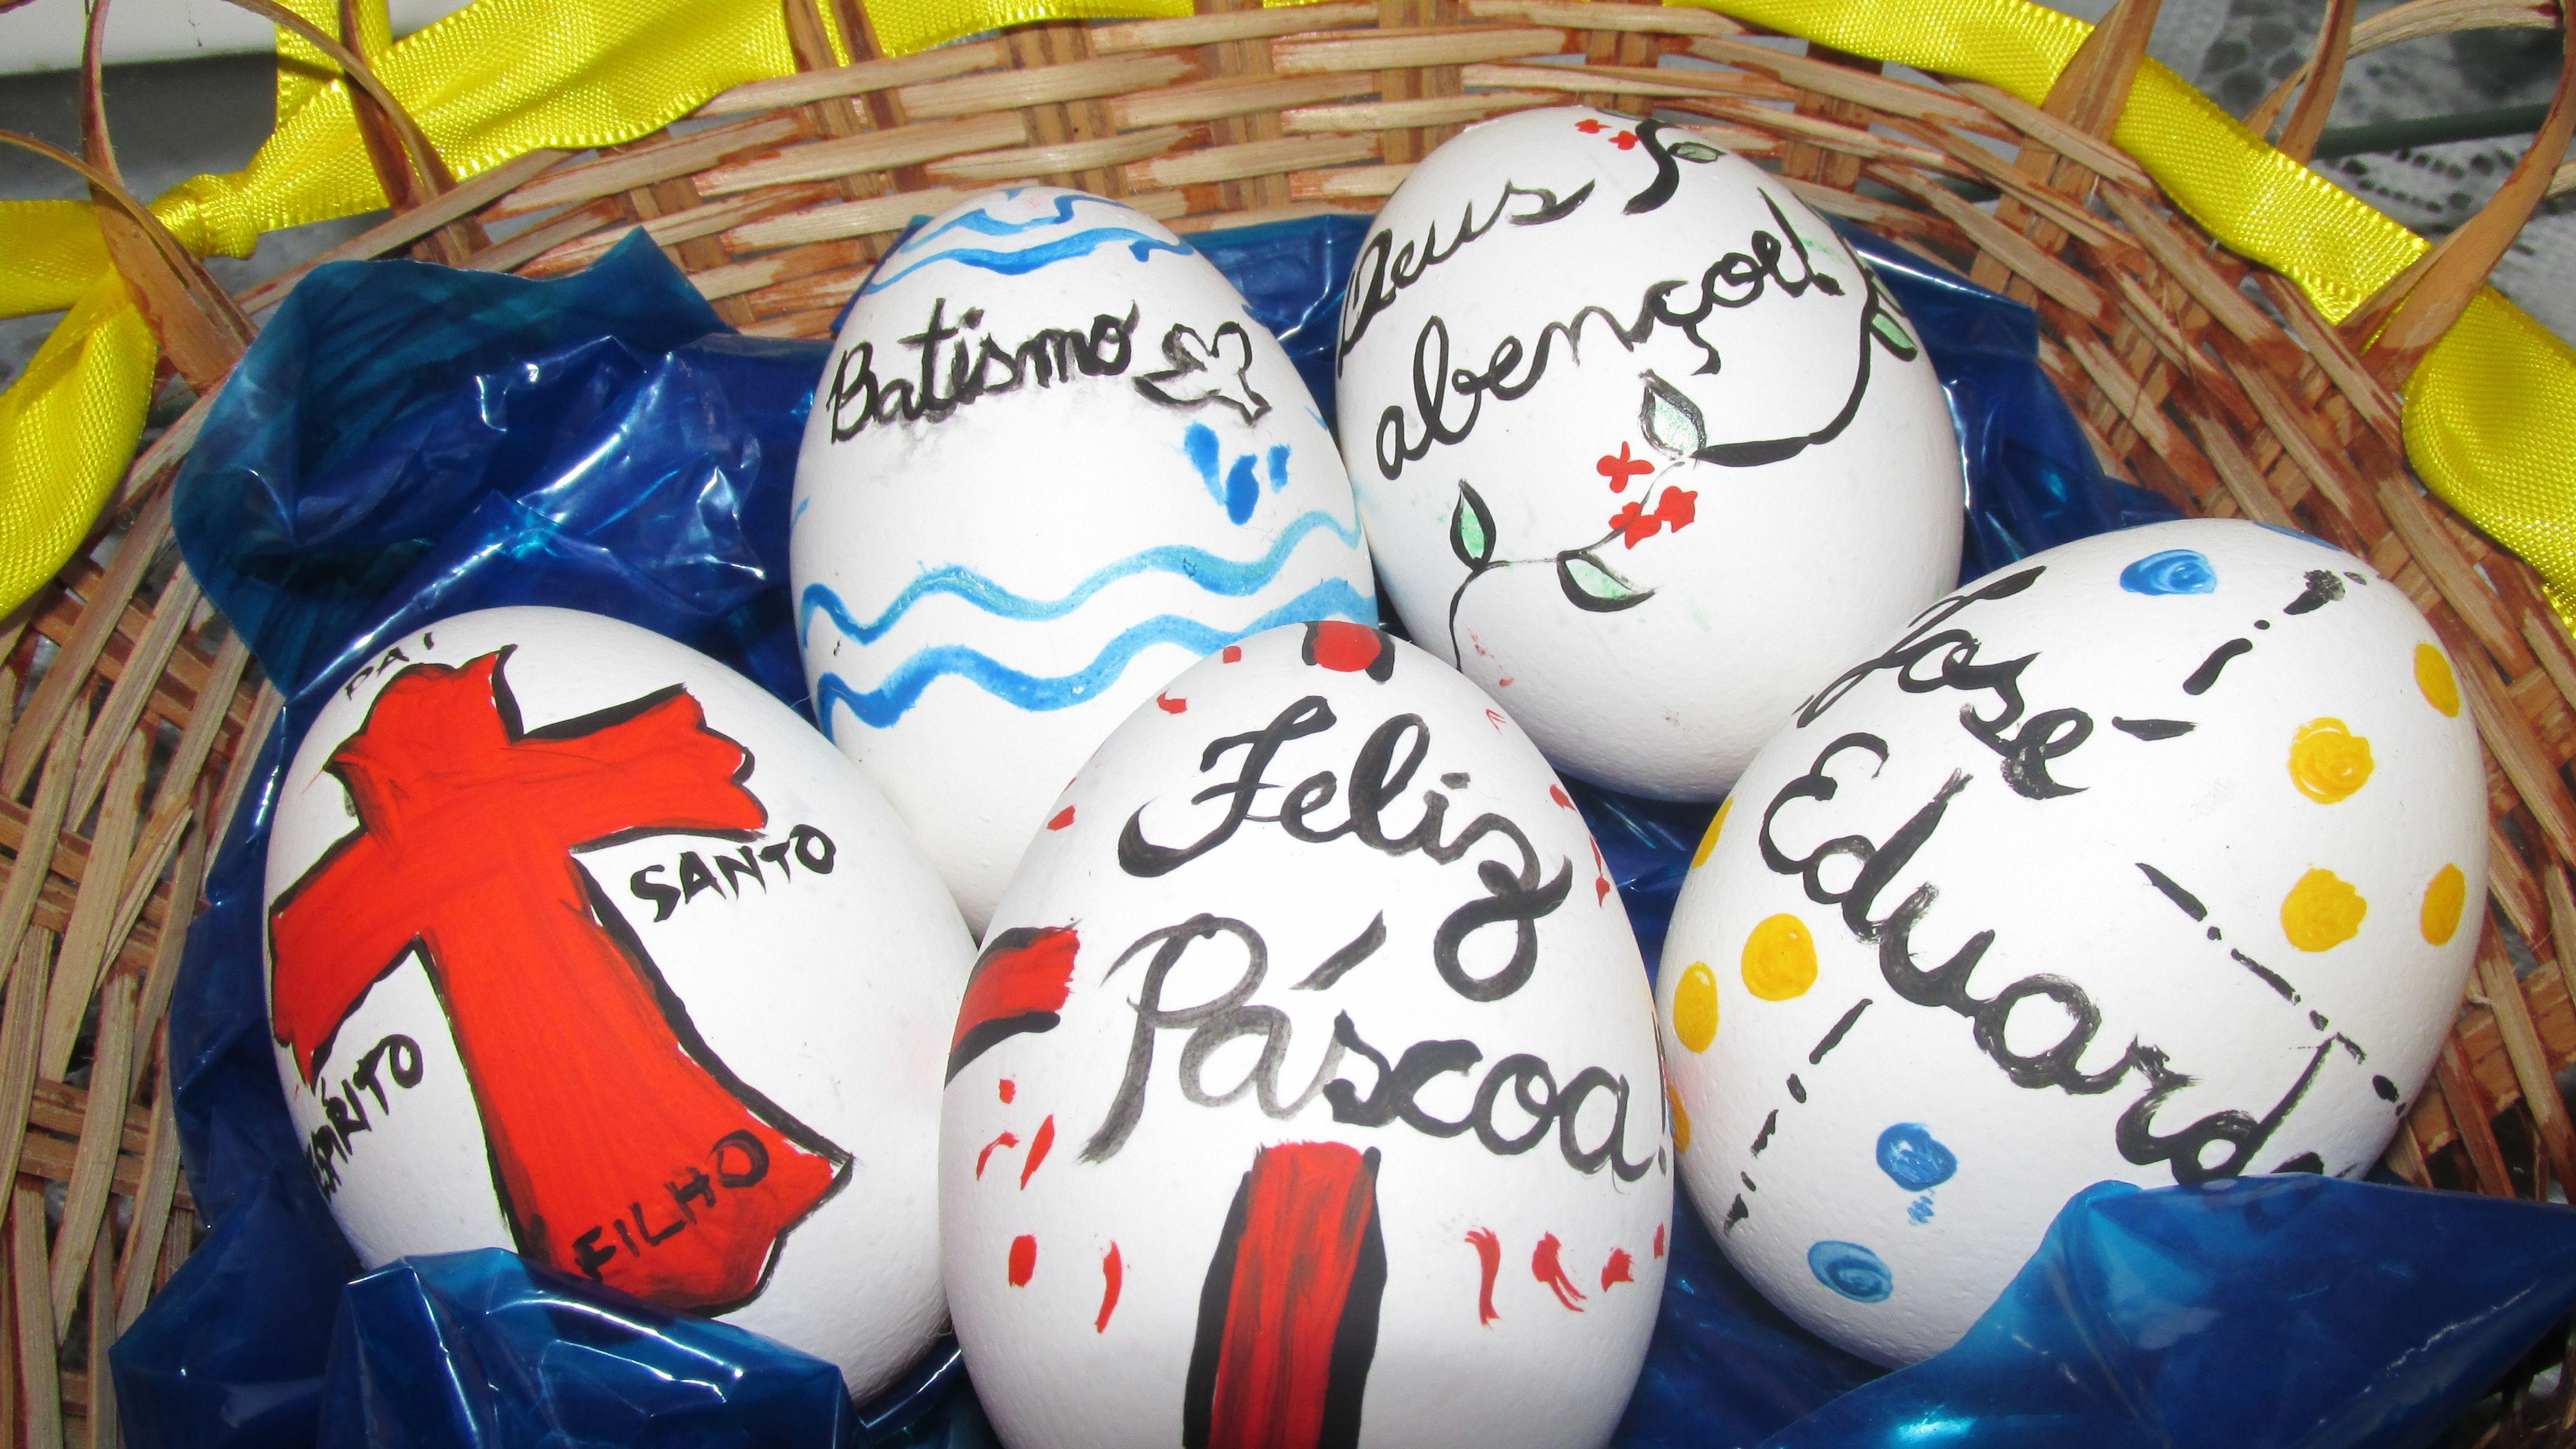 Ovos que pintei para enfeitar a mesa de comemoração do batizado do bebê que foi na Páscoa #batism #easter #eggs